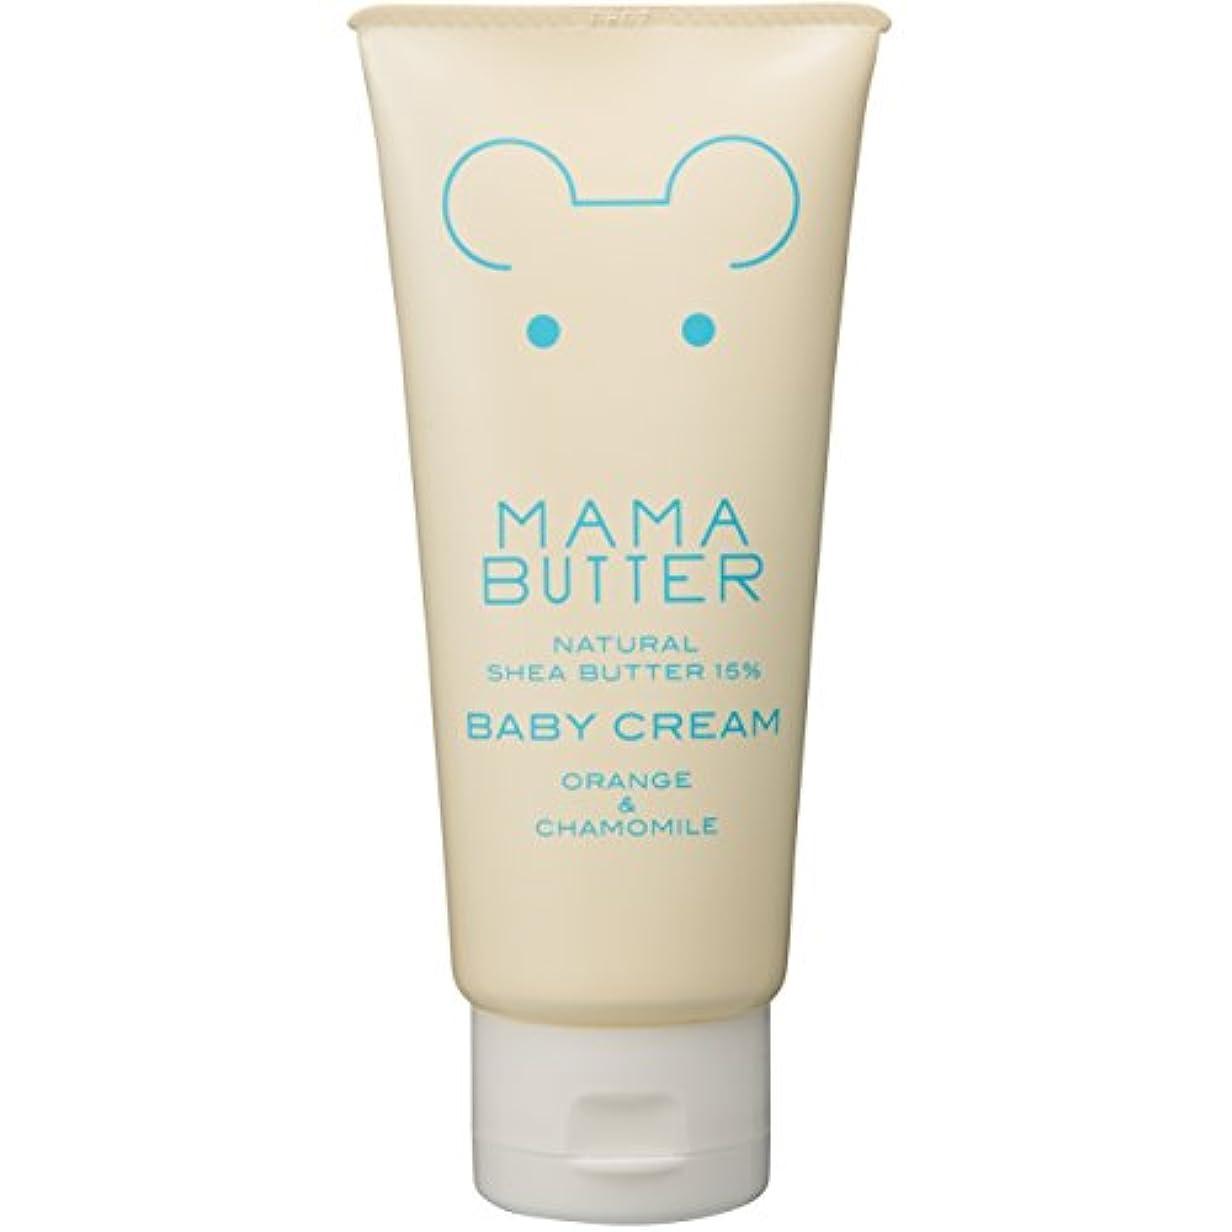 結晶潜水艦所持ママバター ベビークリーム 天然 オレンジ&カモミールの香り 130g